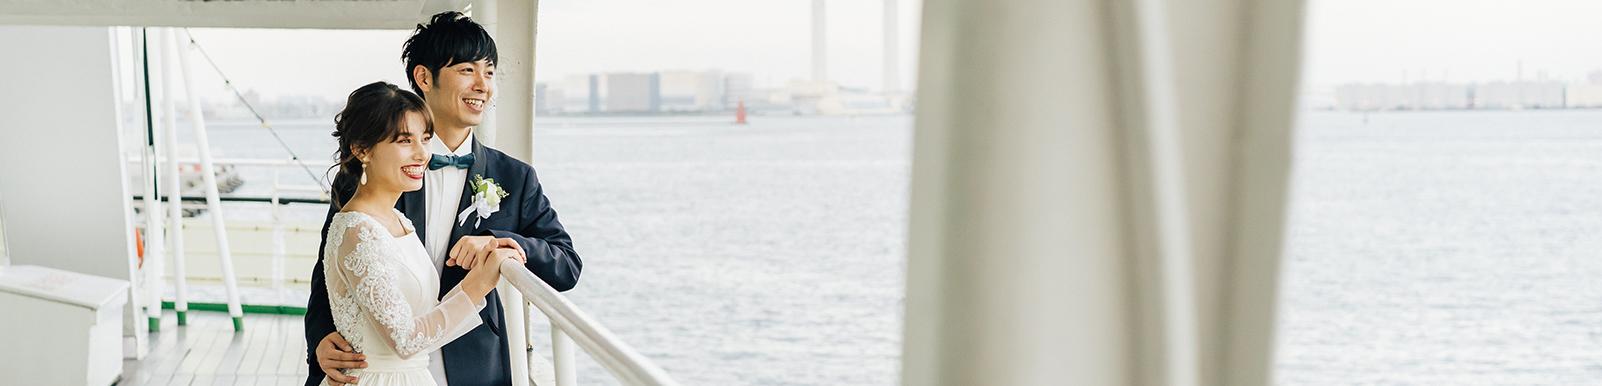 船上結婚式での新婦とご両親